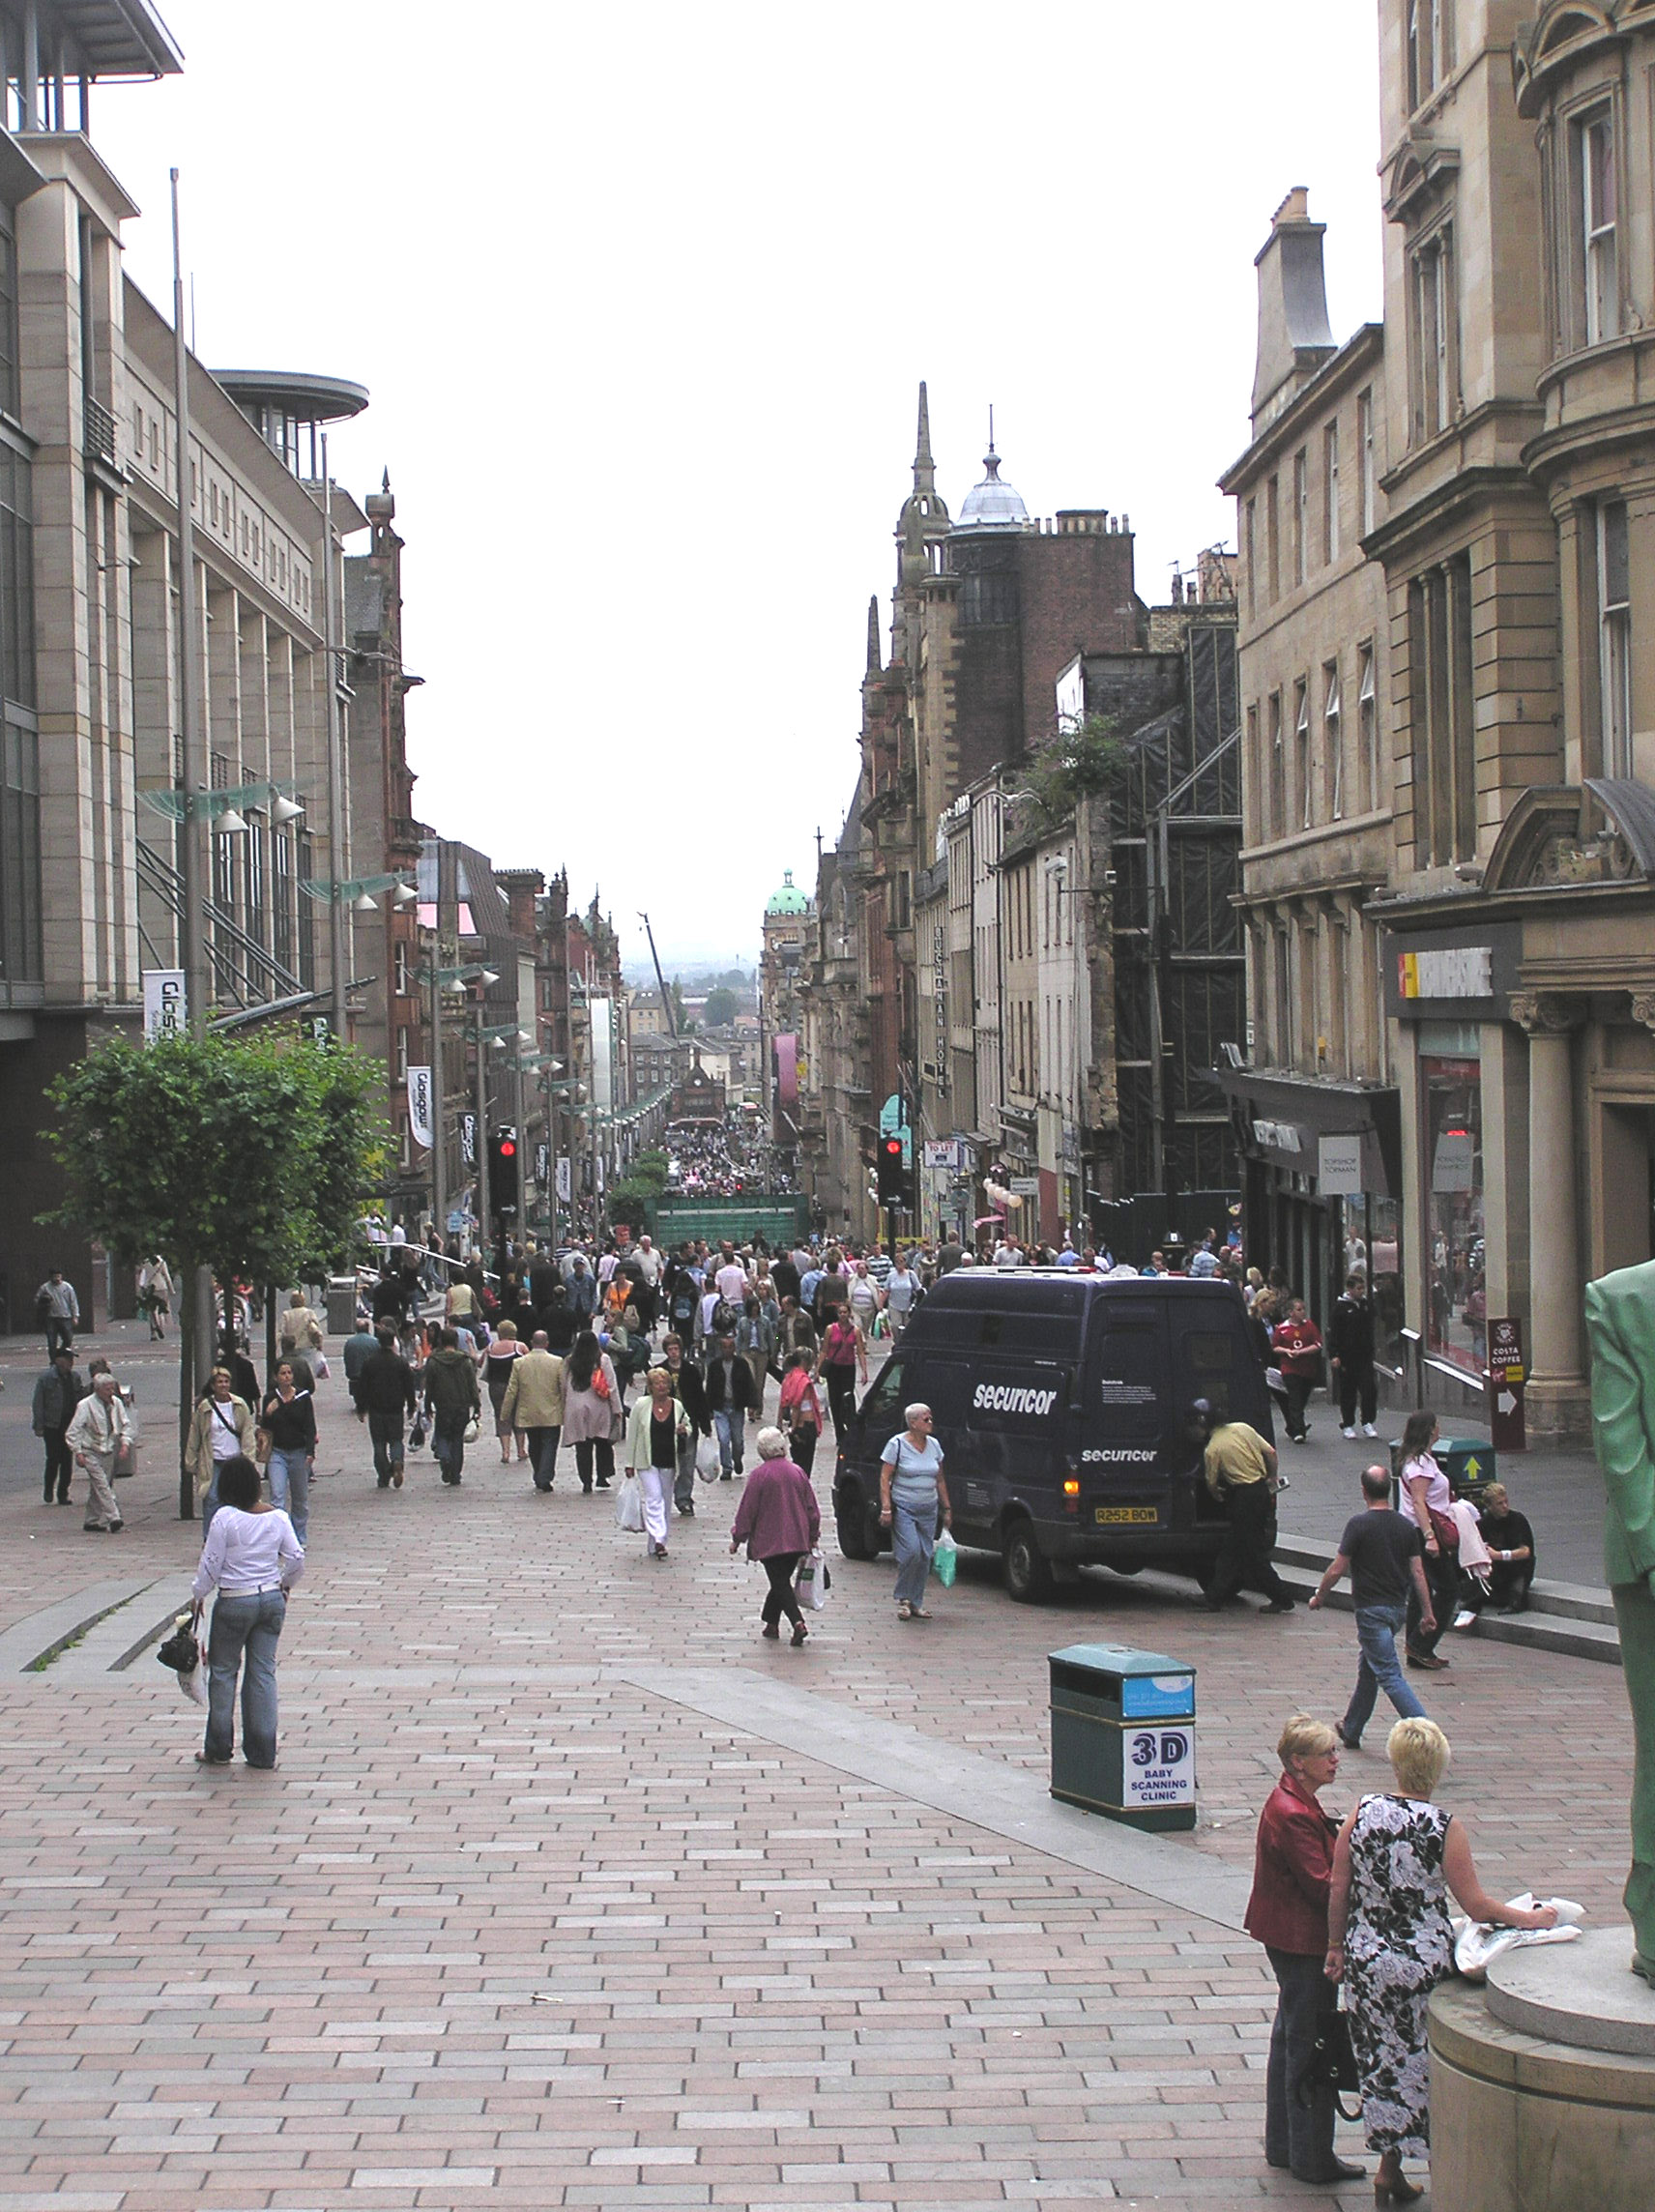 wfm buchanan street.jpg